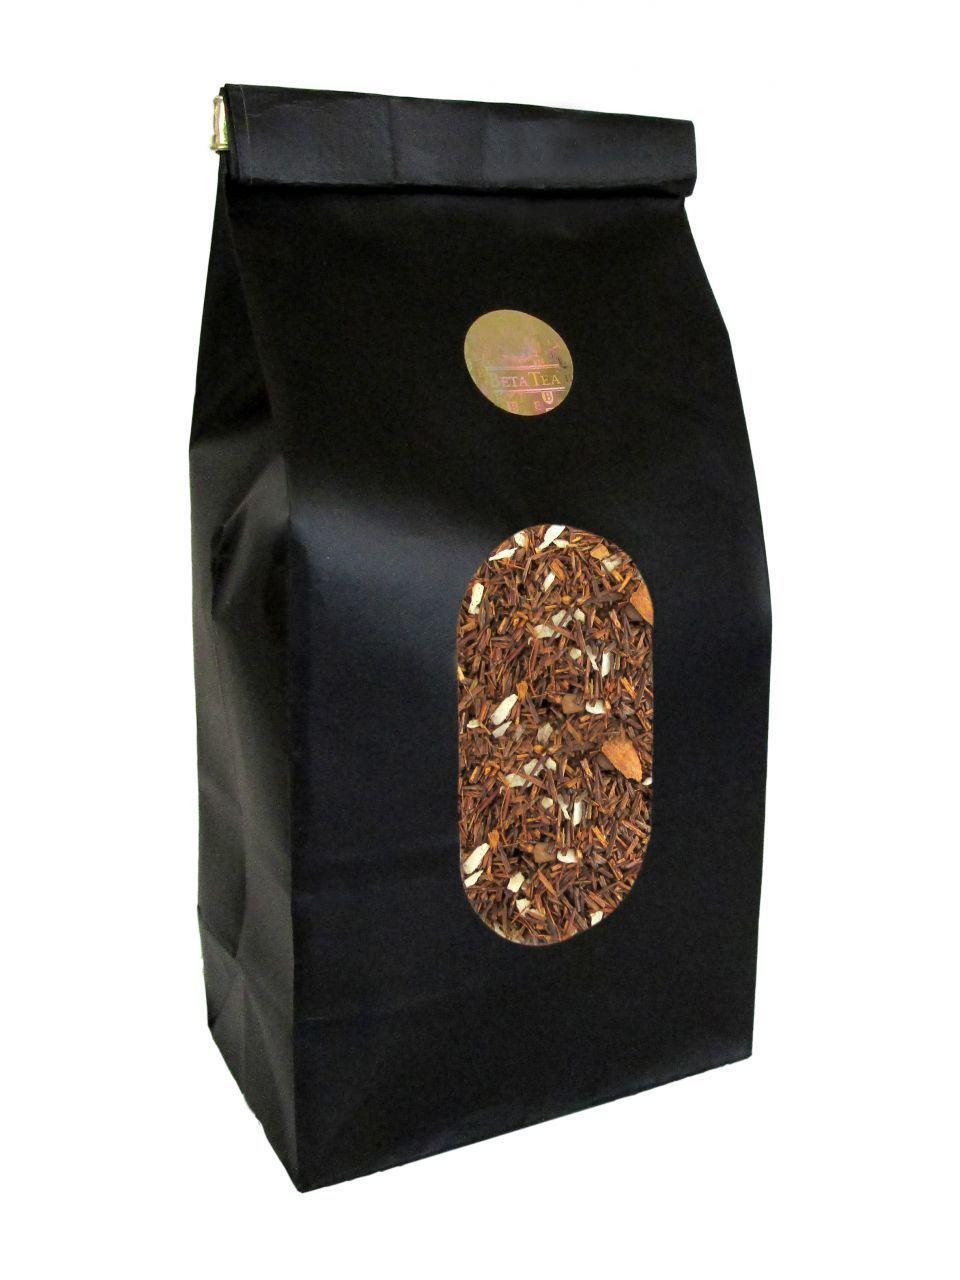 Beta Teh Chocolate Rooibos Teh 50gr Gree Cay Kesehatan Kecantikan Pelangsing